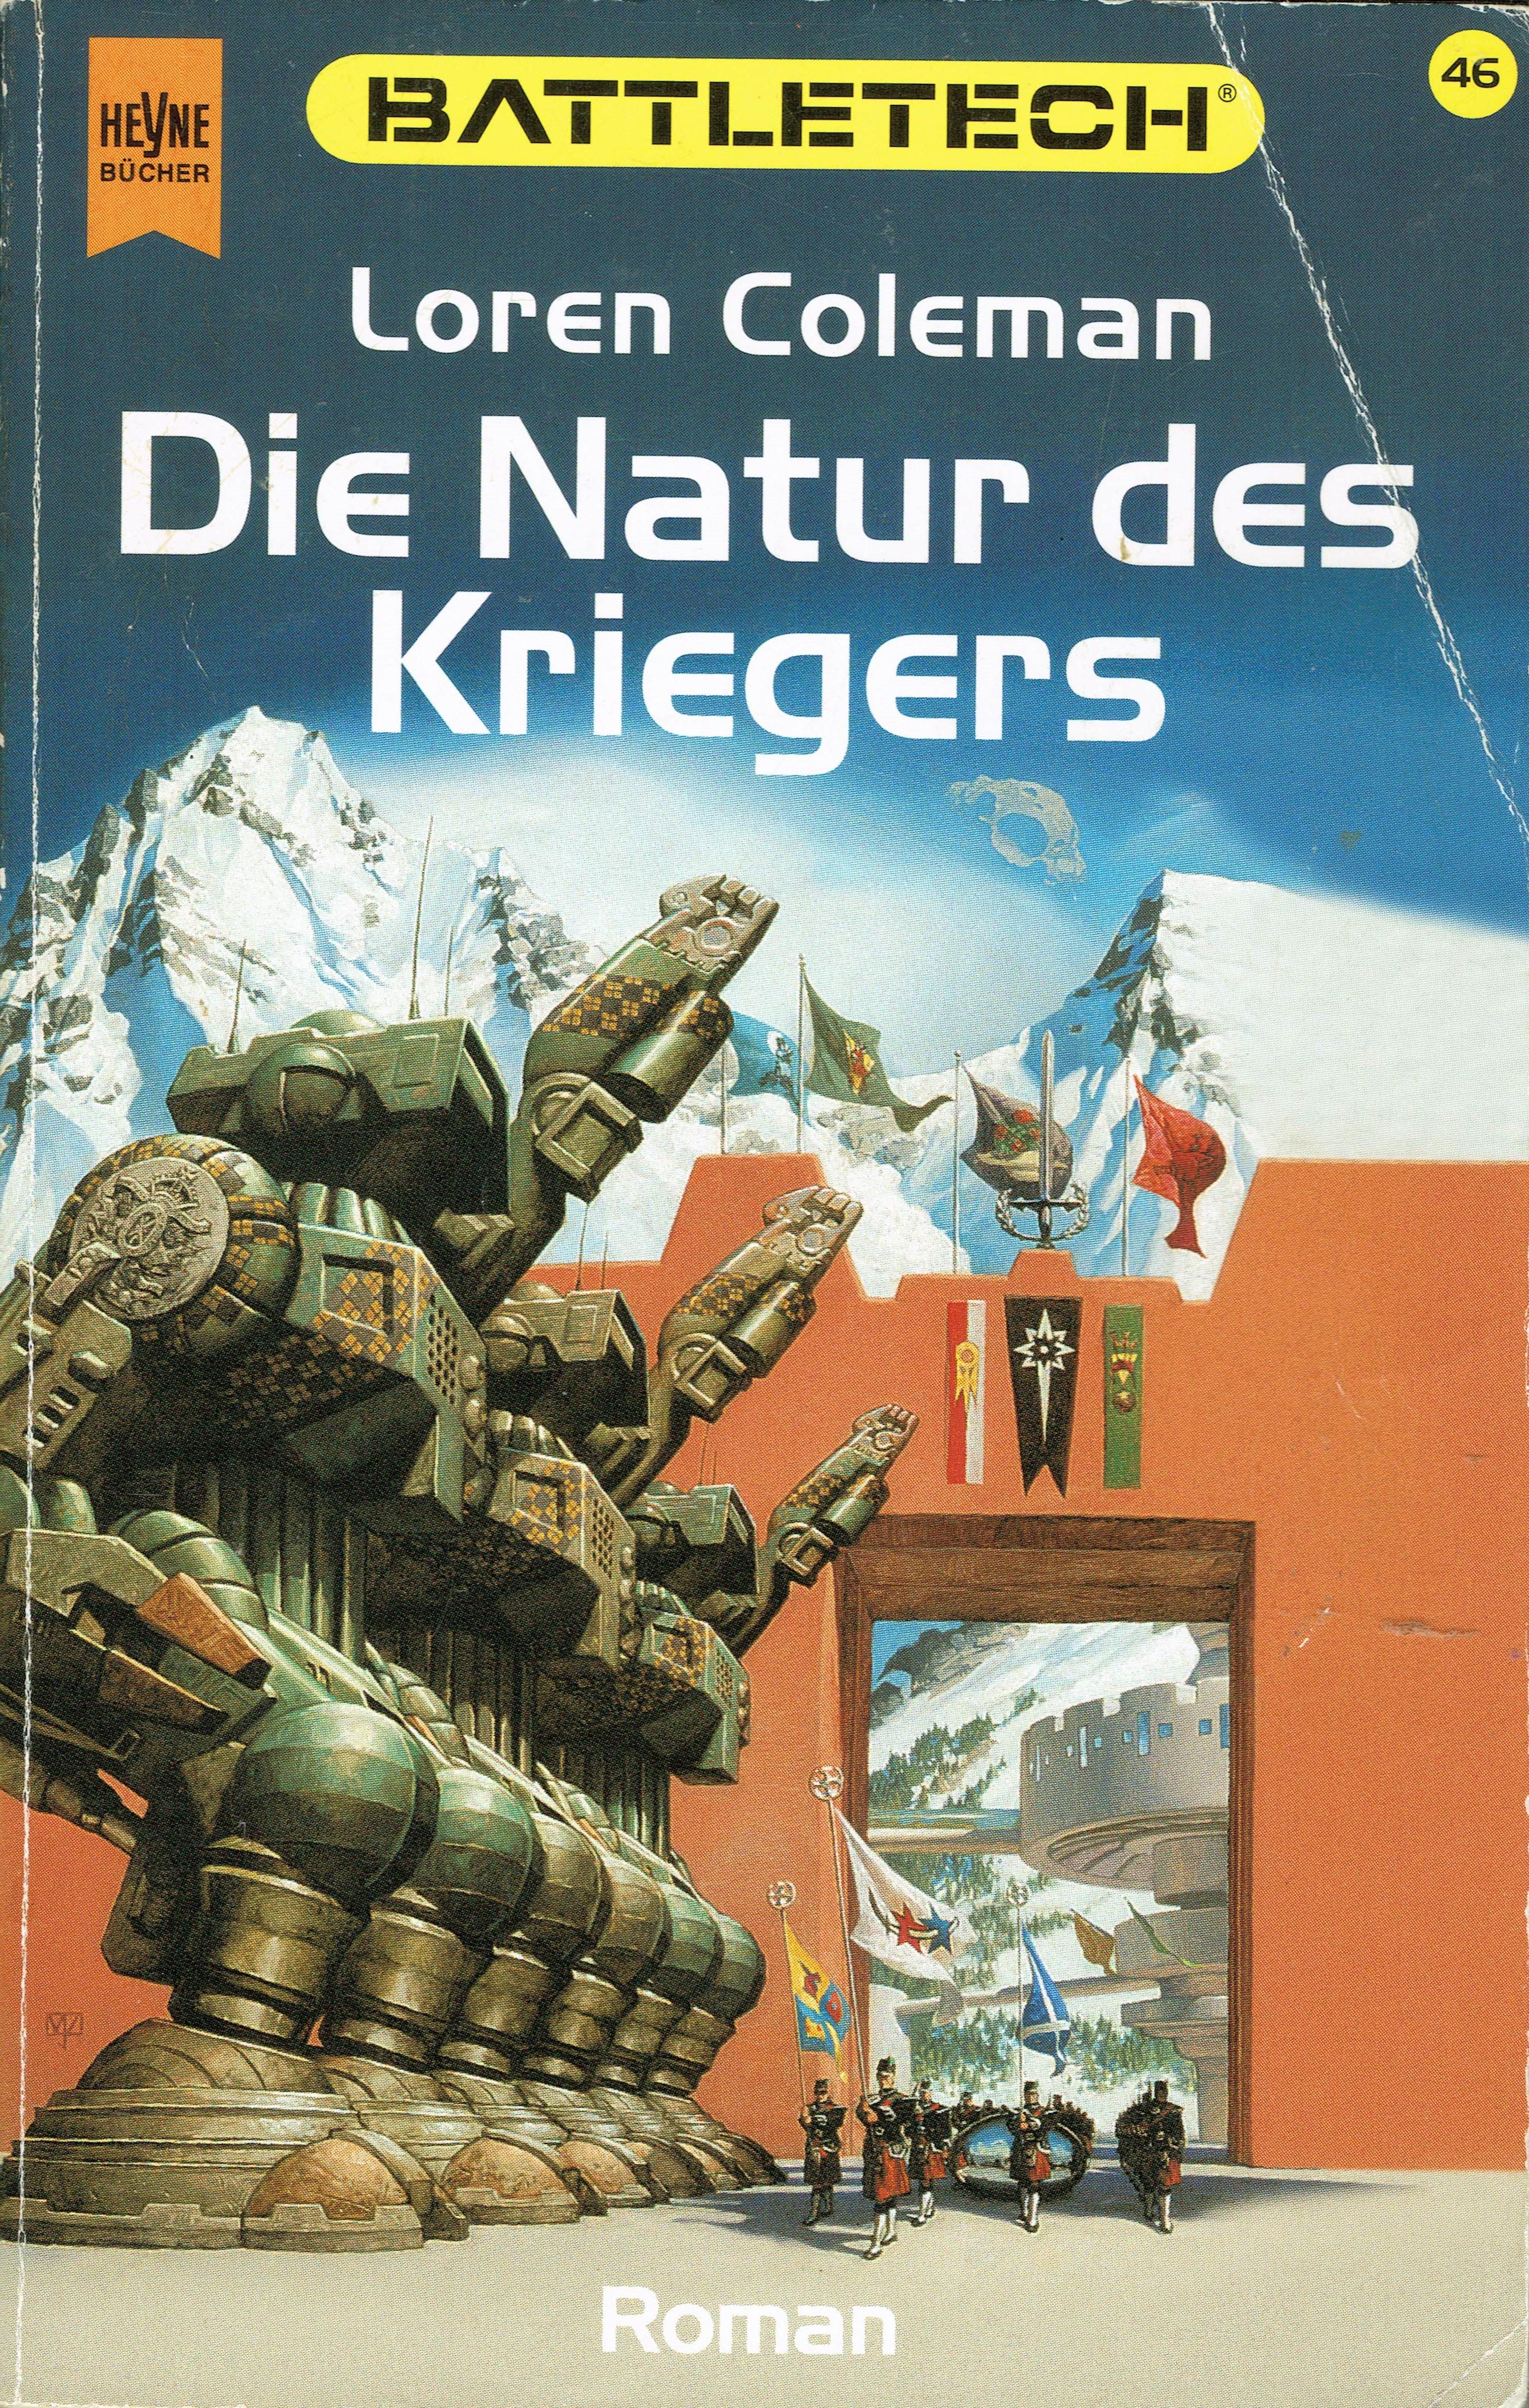 File:Die Natur des Kriegers.jpg